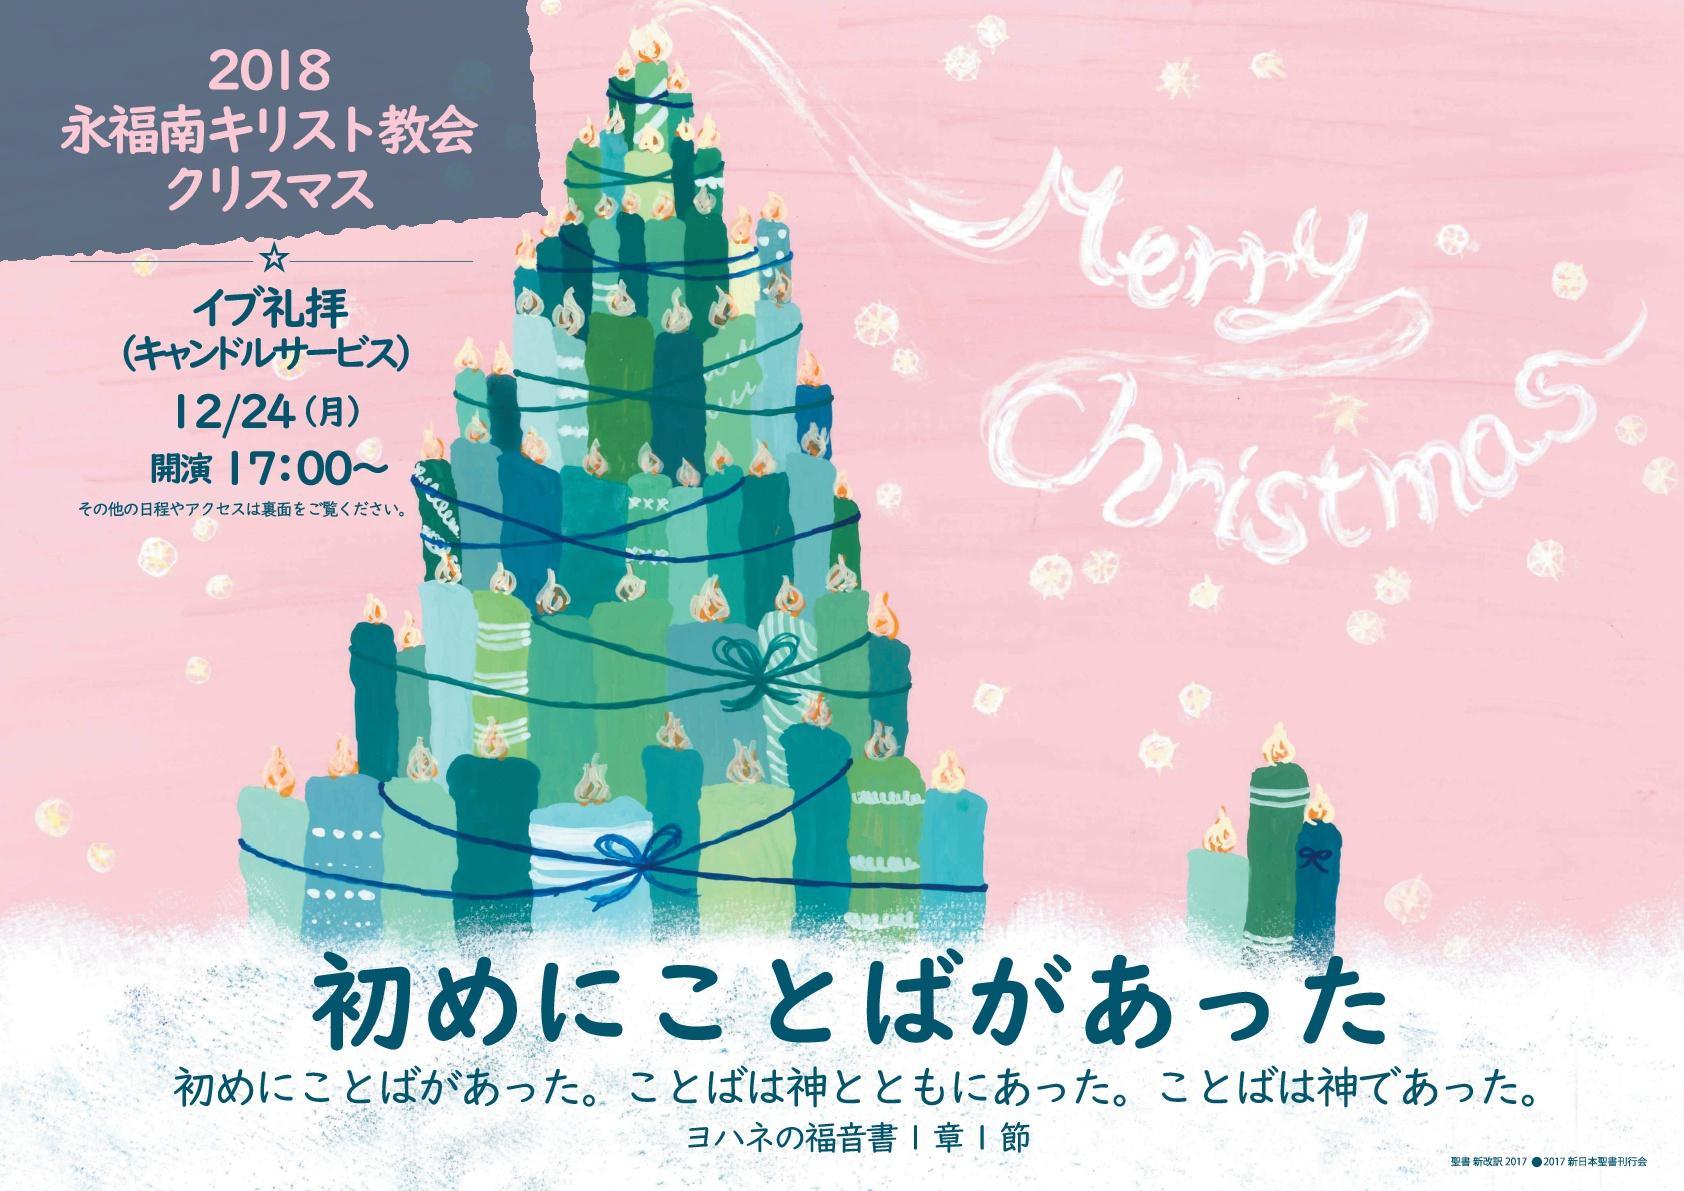 2018永福南キリスト教会クリスマス